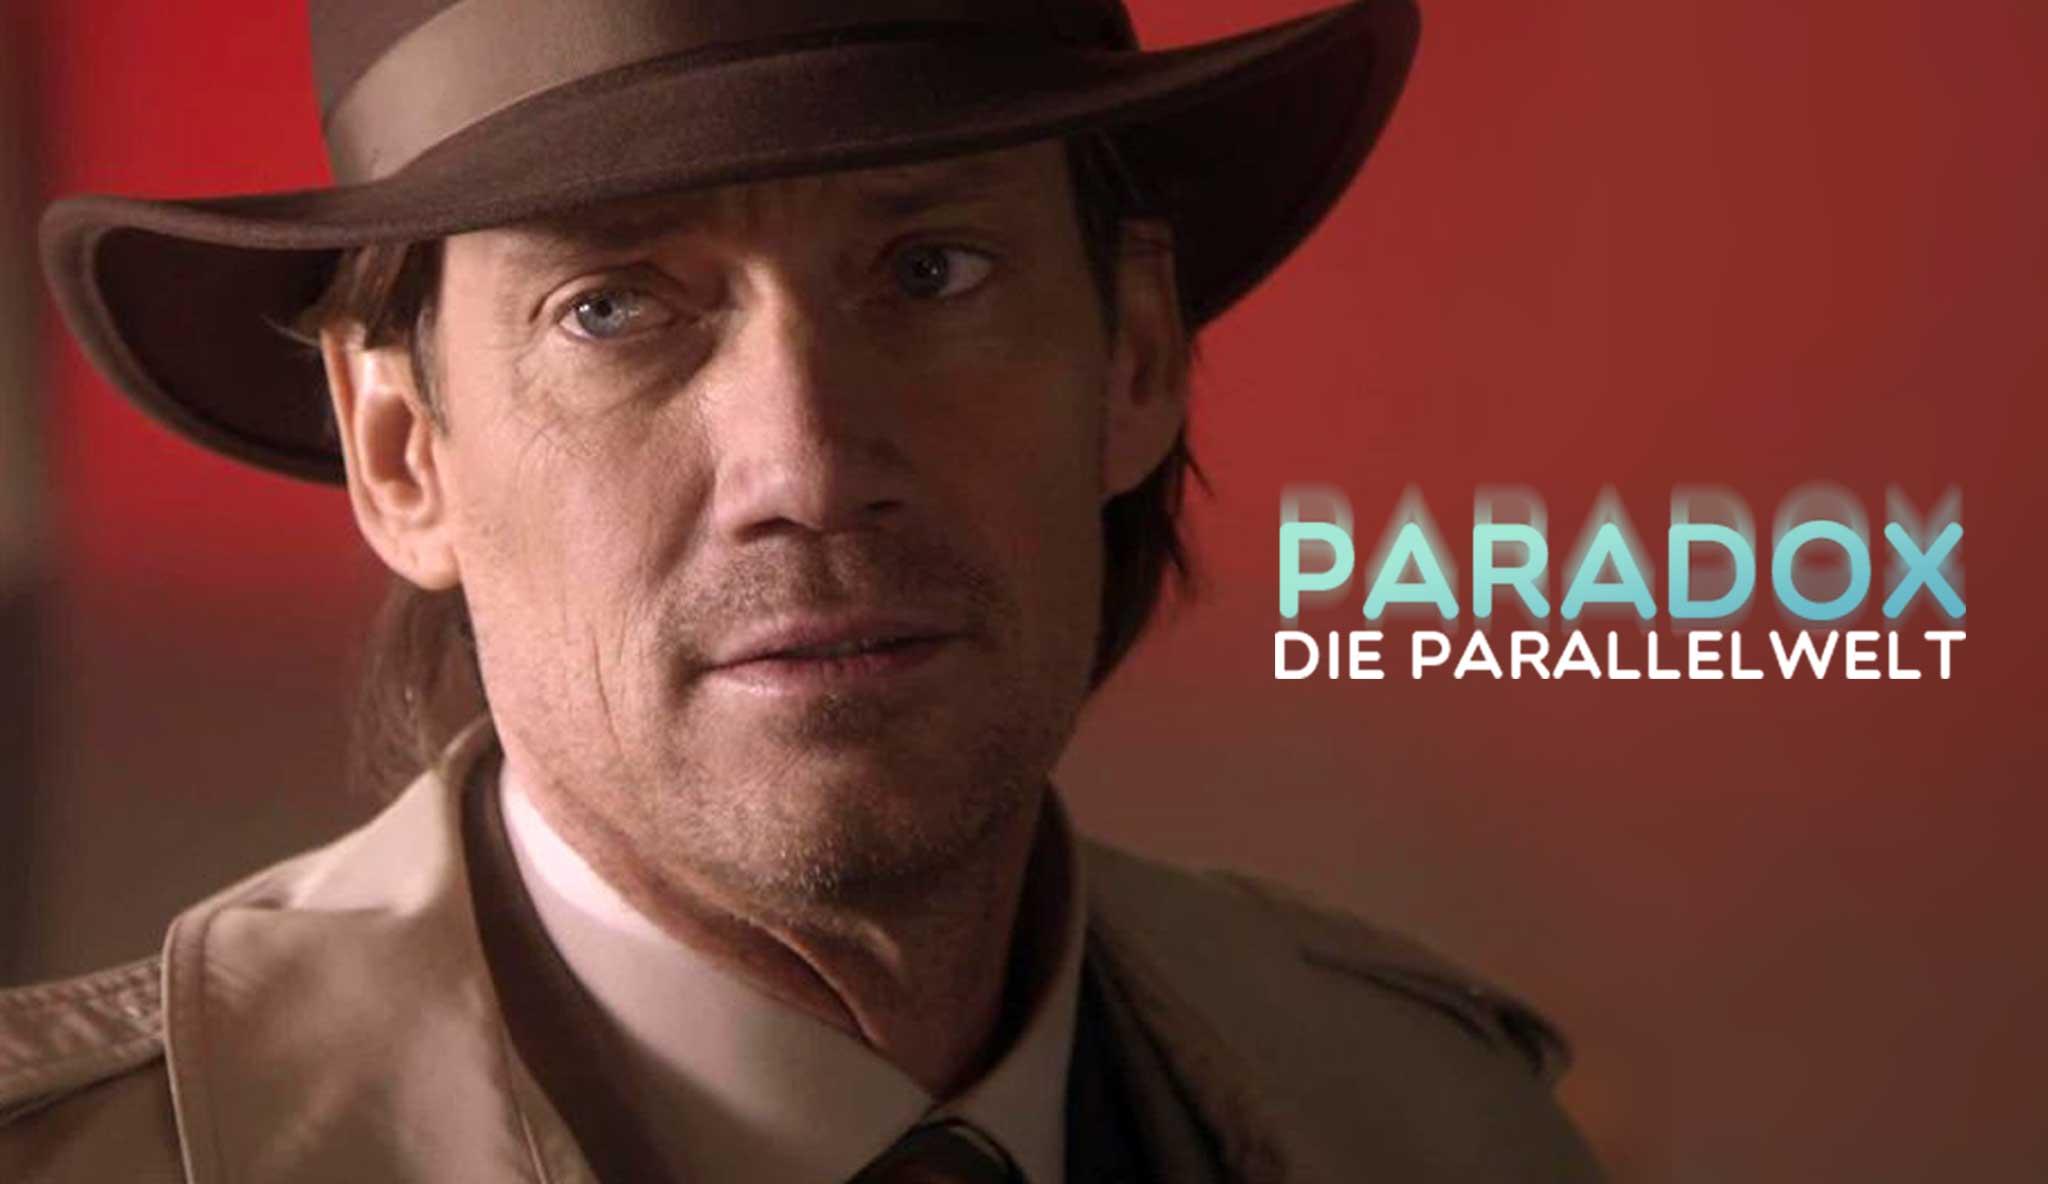 paradox-die-parallelwelt\header.jpg